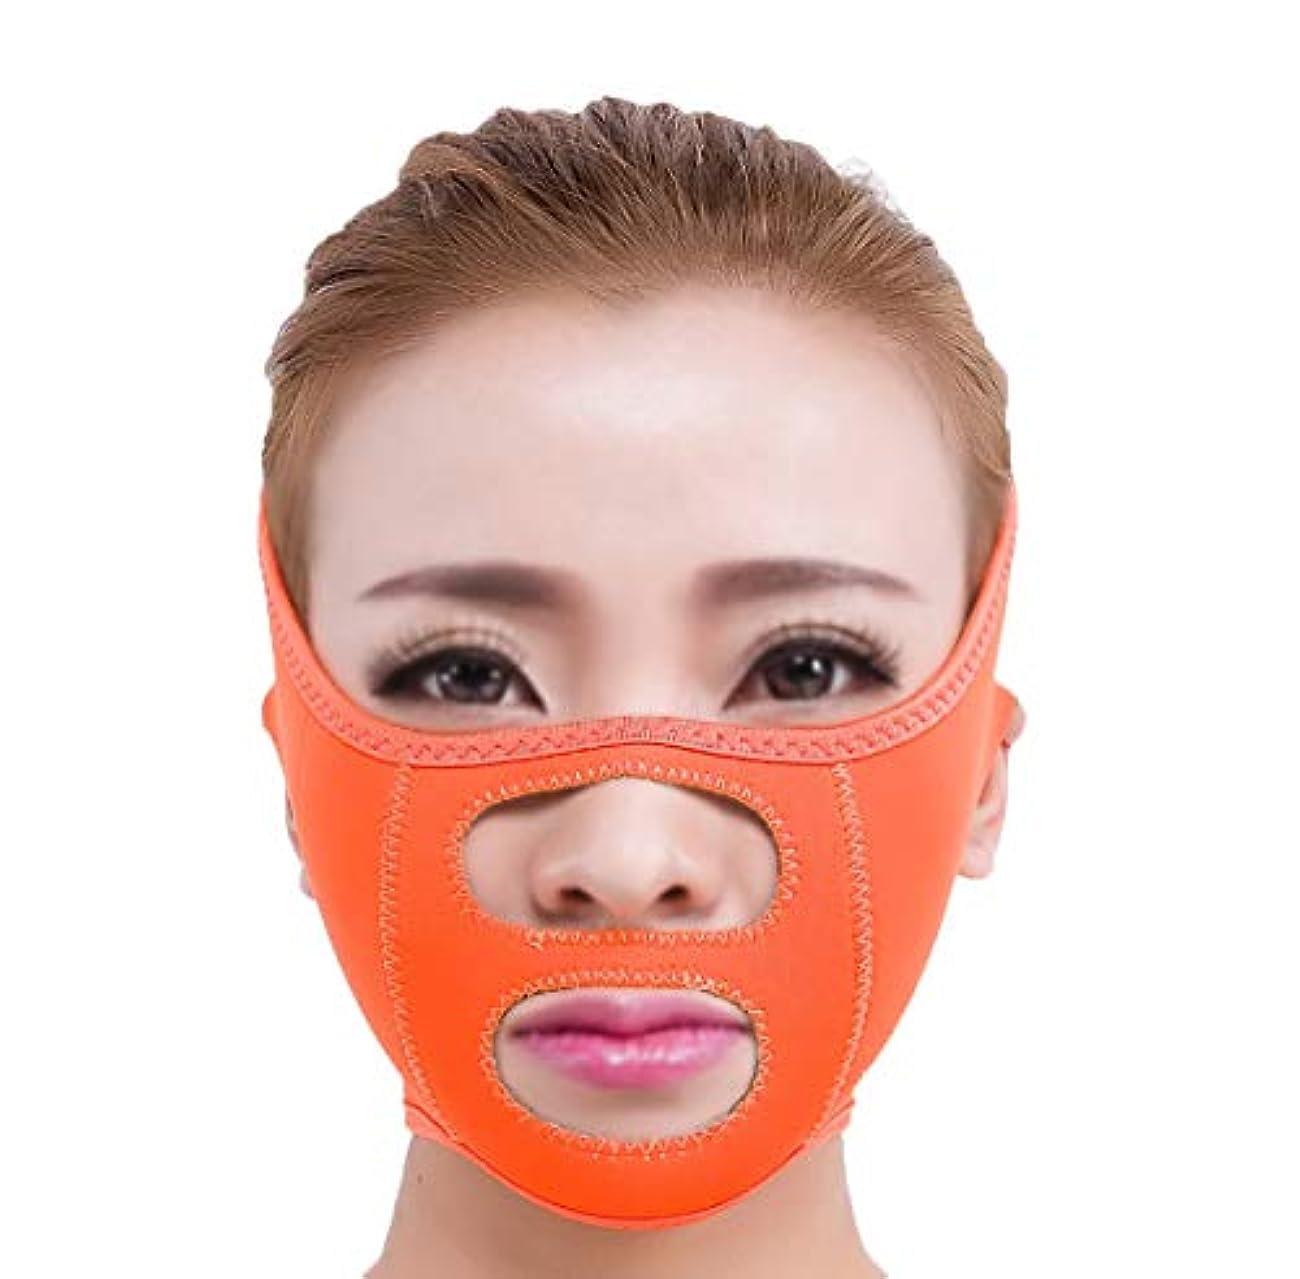 幅ドライブ公使館GLJJQMY スリムベルトマスク薄い顔マスク睡眠薄い顔マスク薄い顔包帯薄い顔アーティファクト薄い顔薄い顔薄い顔小さいV顔睡眠薄い顔ベルト 顔用整形マスク (Color : Blue)